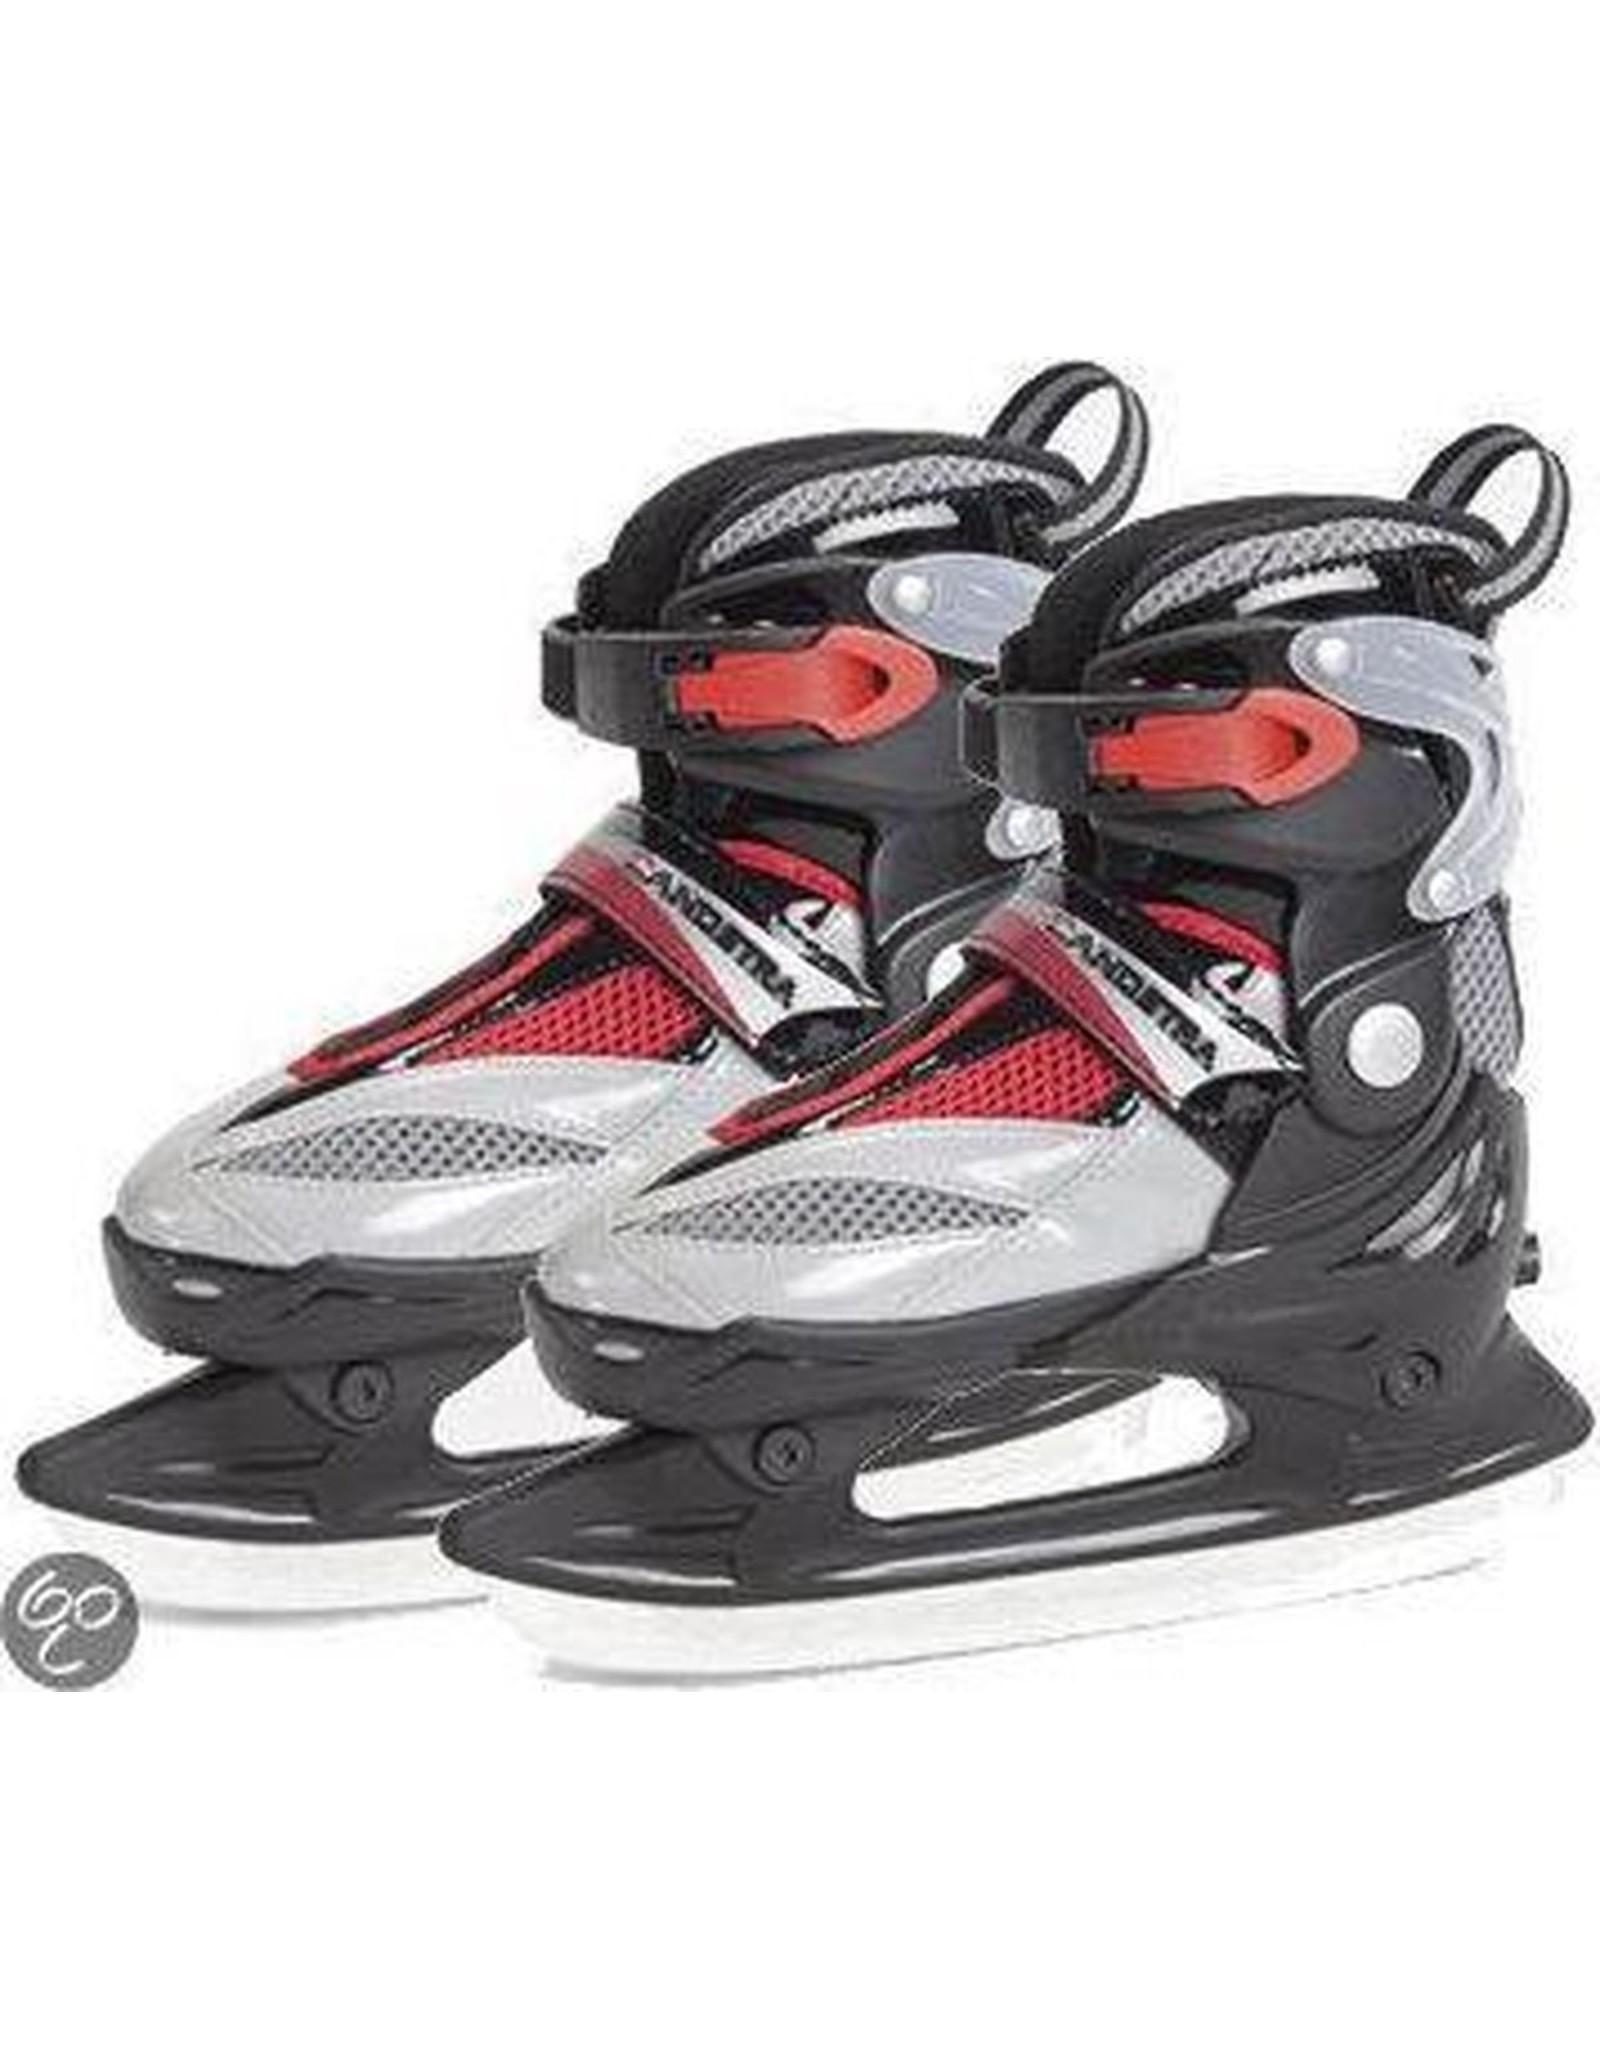 zandstra Zandstra Calgary 242 hockeyschaats verstelbaar